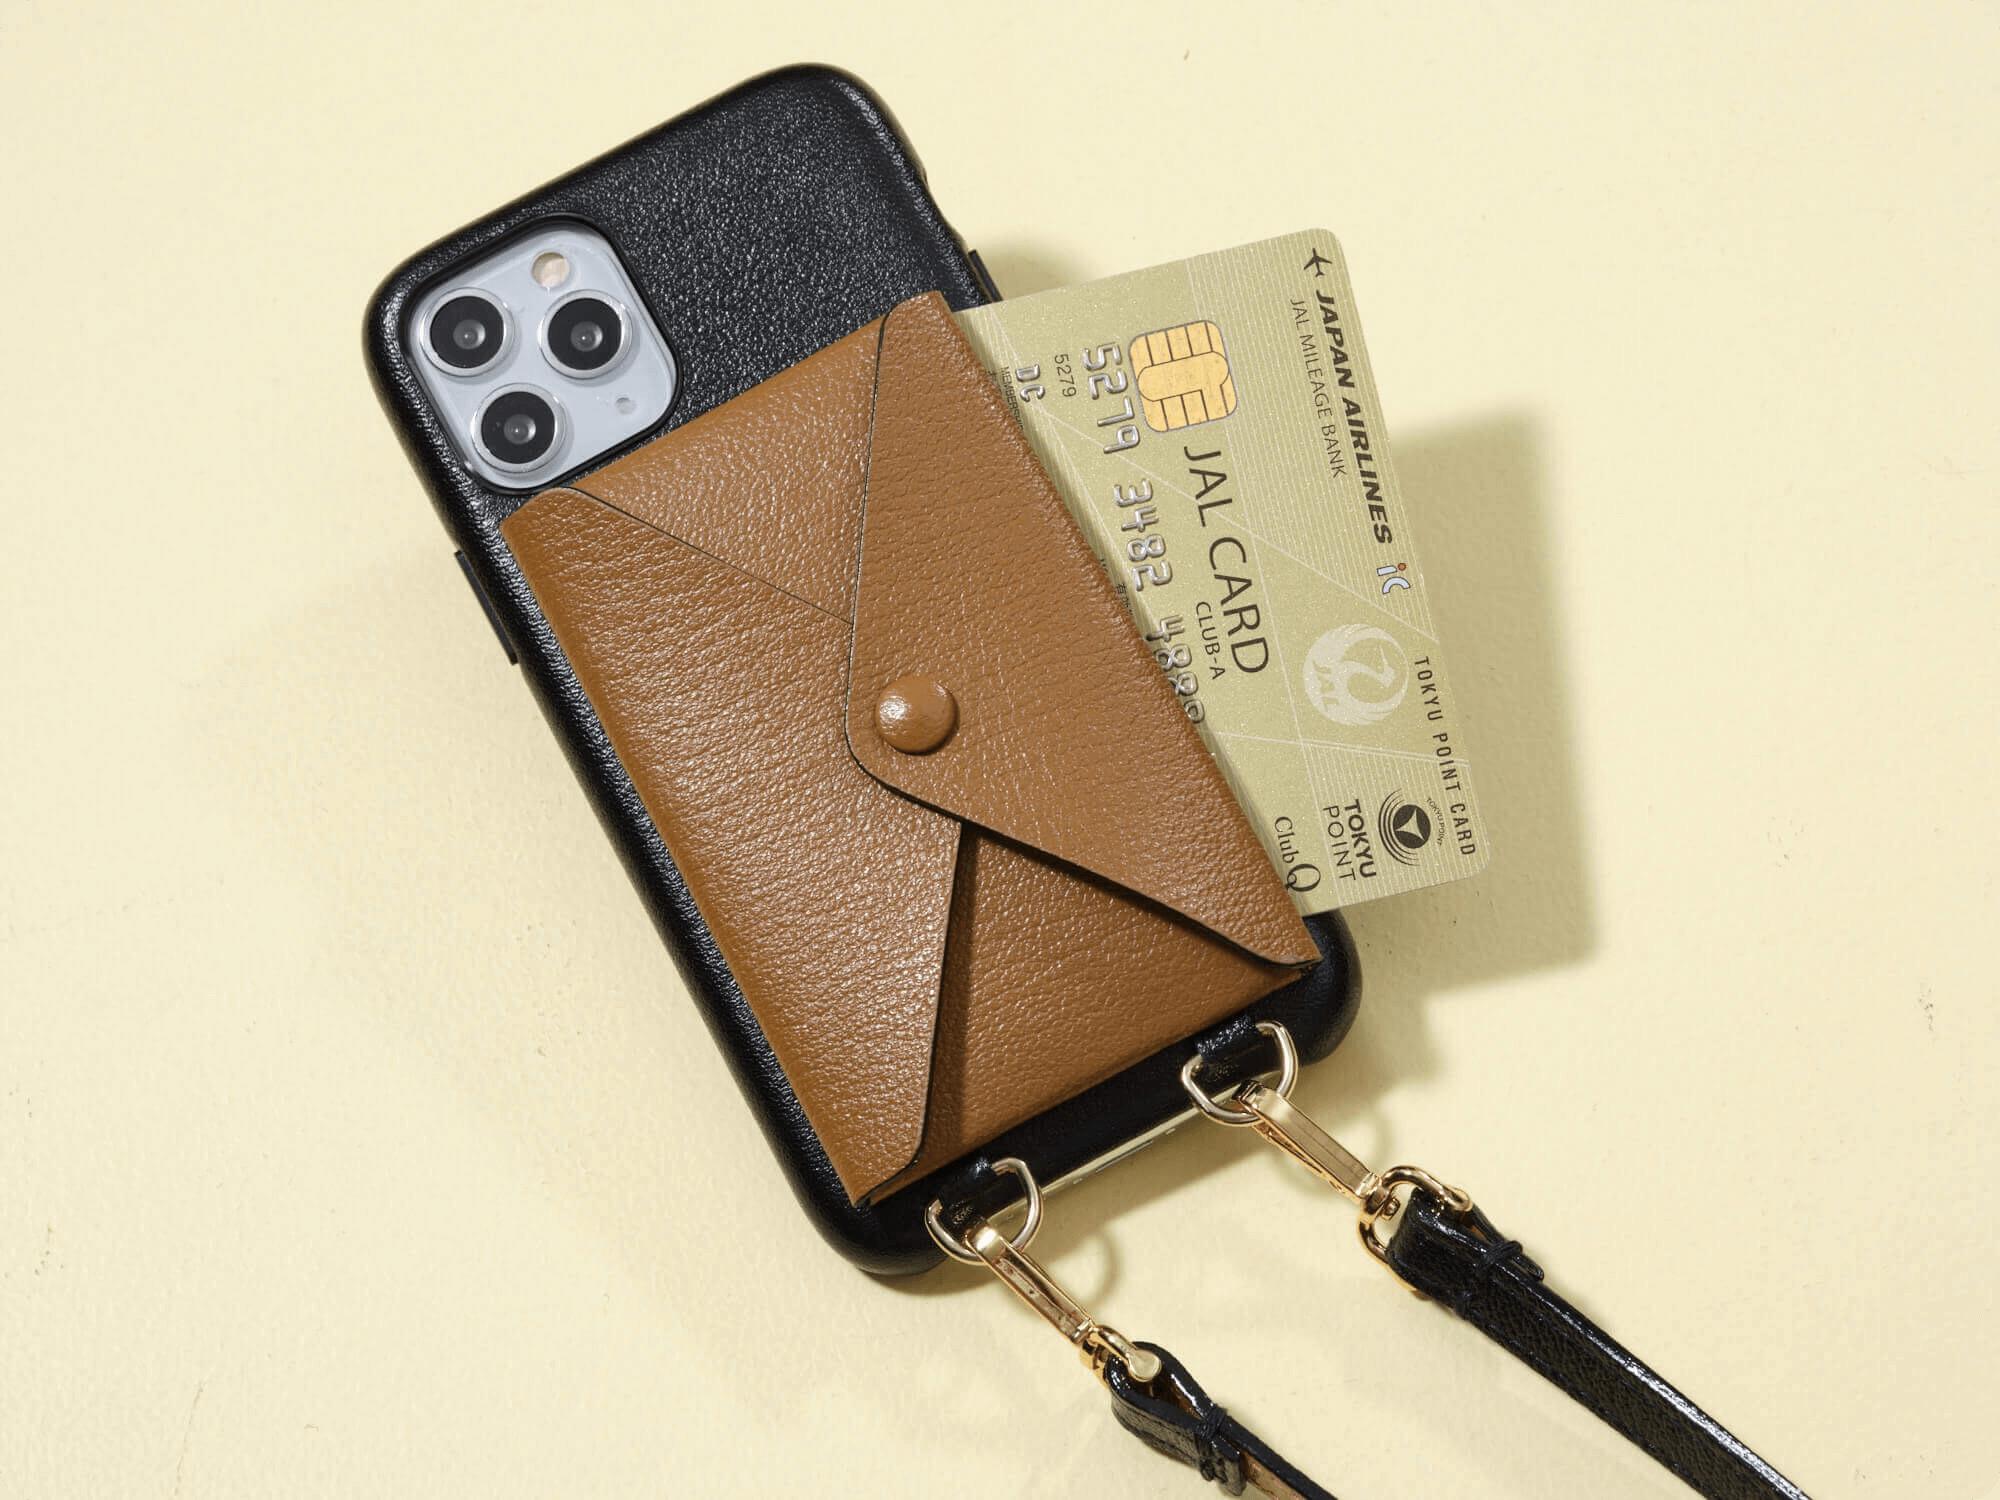 【辻元舞さん別注】 ショルダーストラップ付 バックカバーiPhoneケース